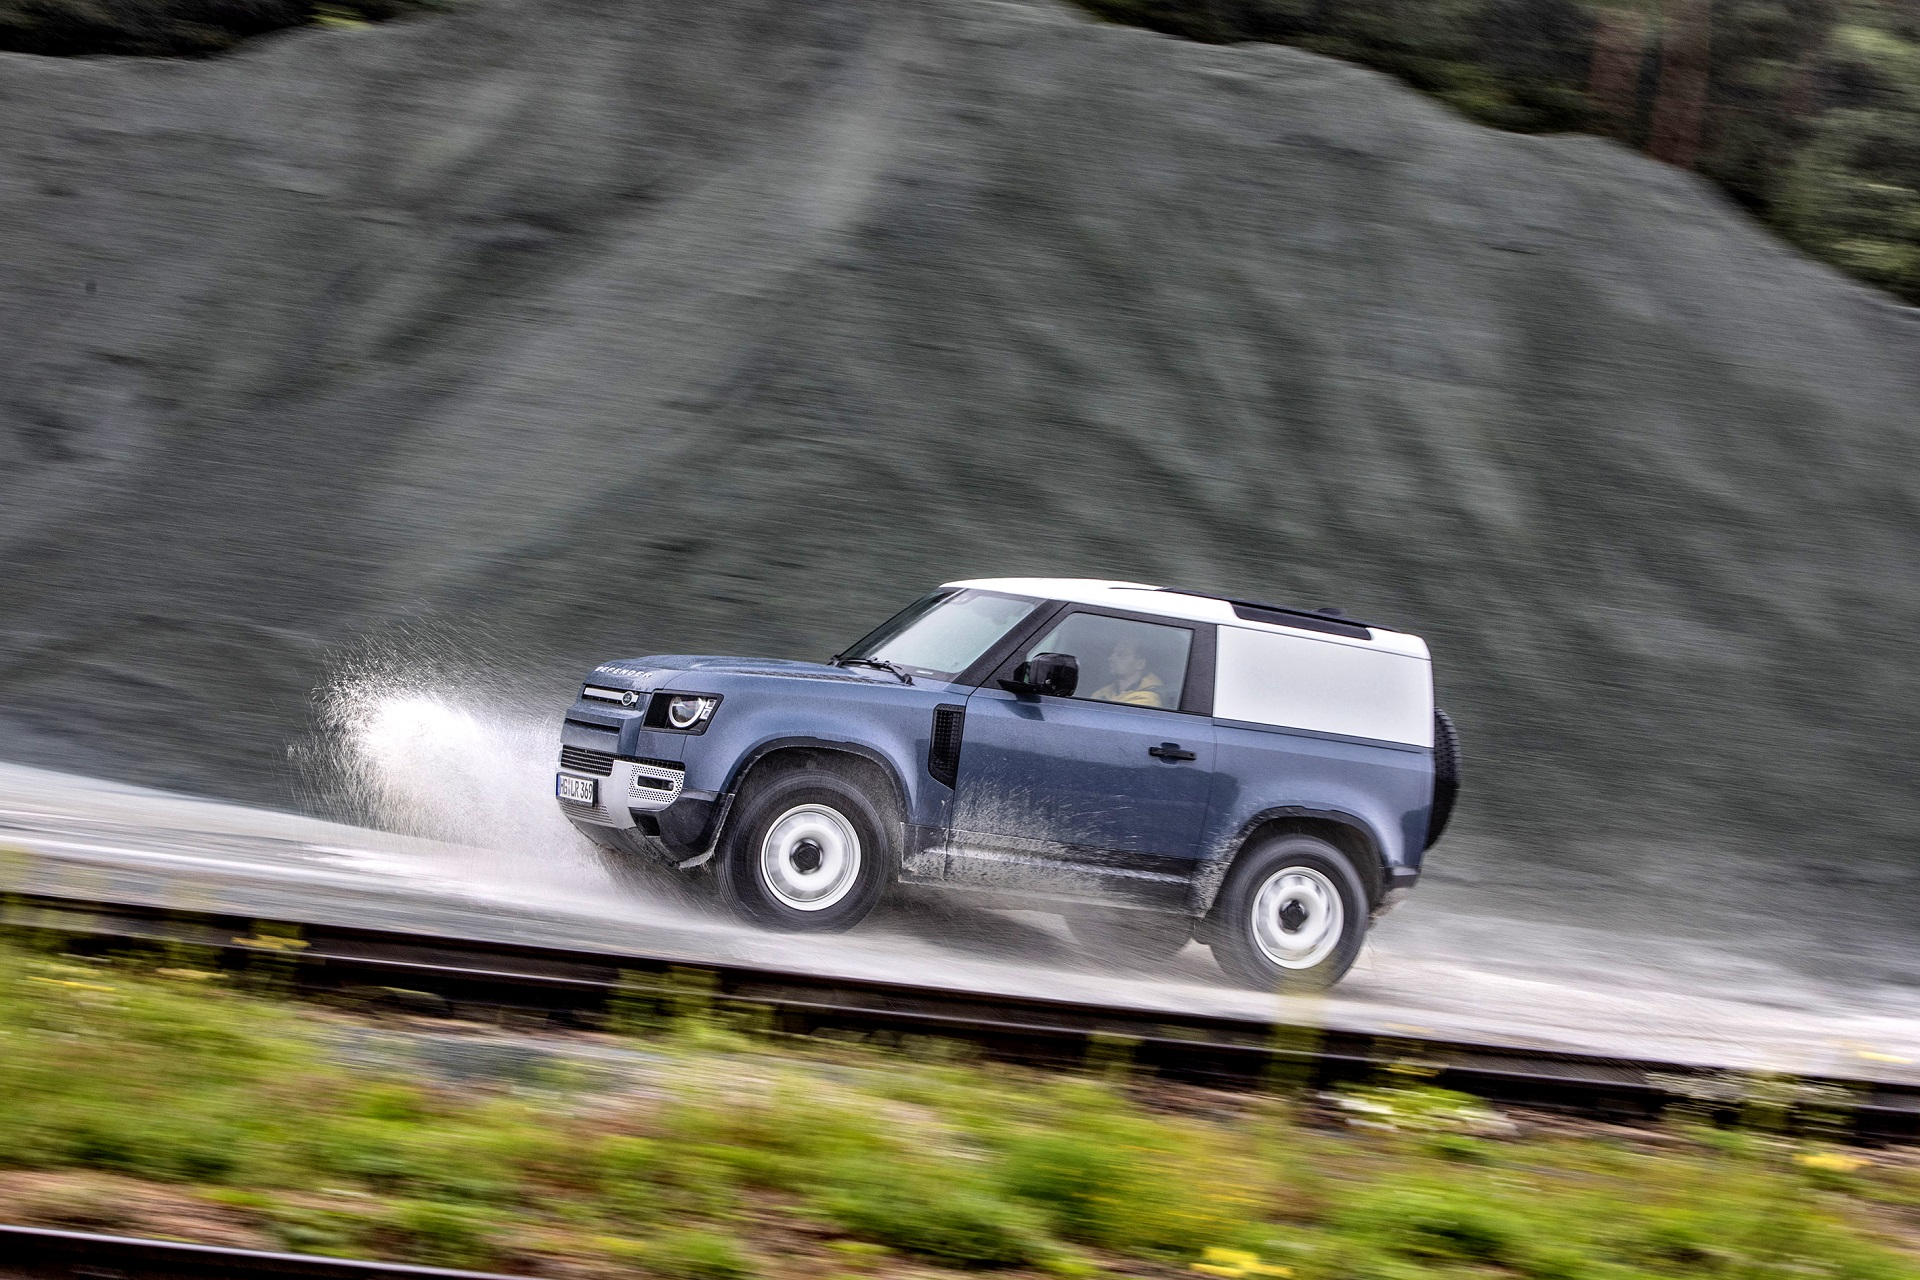 Land Rover Defender 90 D200 Hard Top (13)